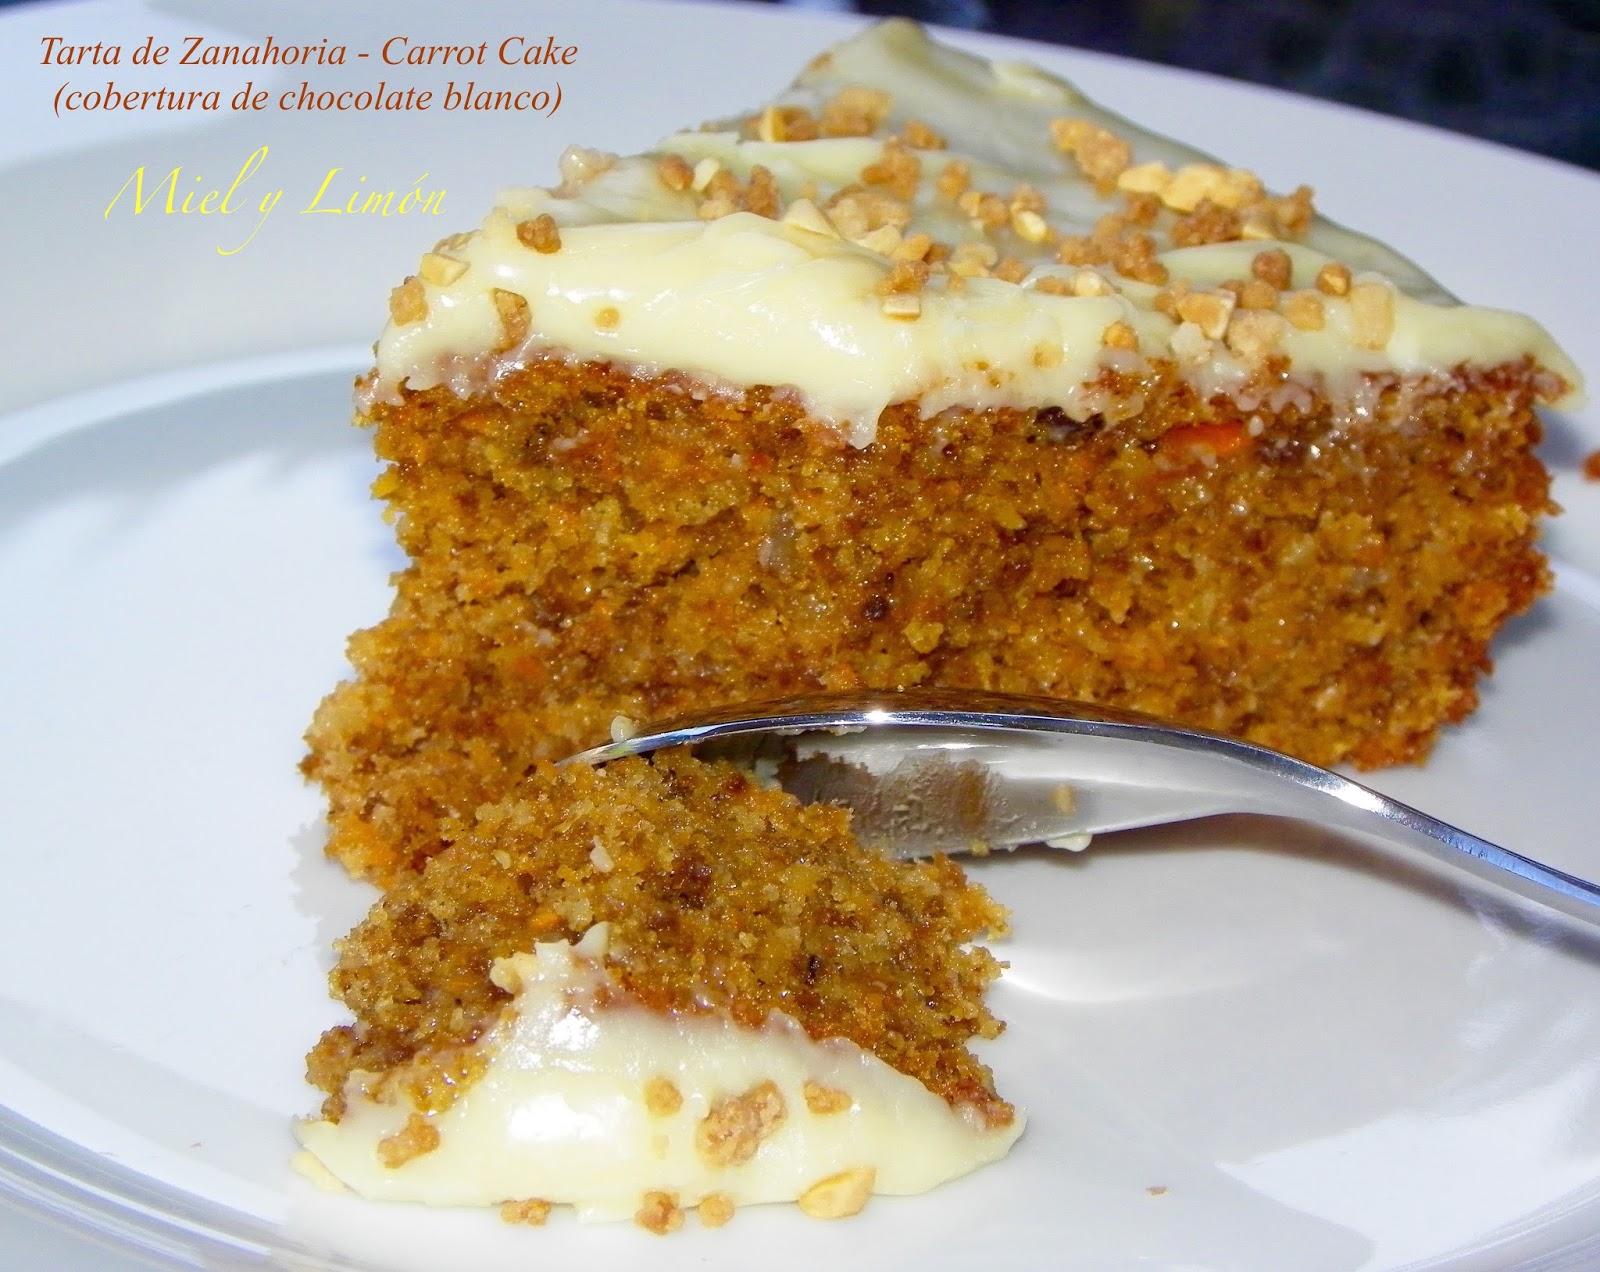 Lidl Carrot Cake